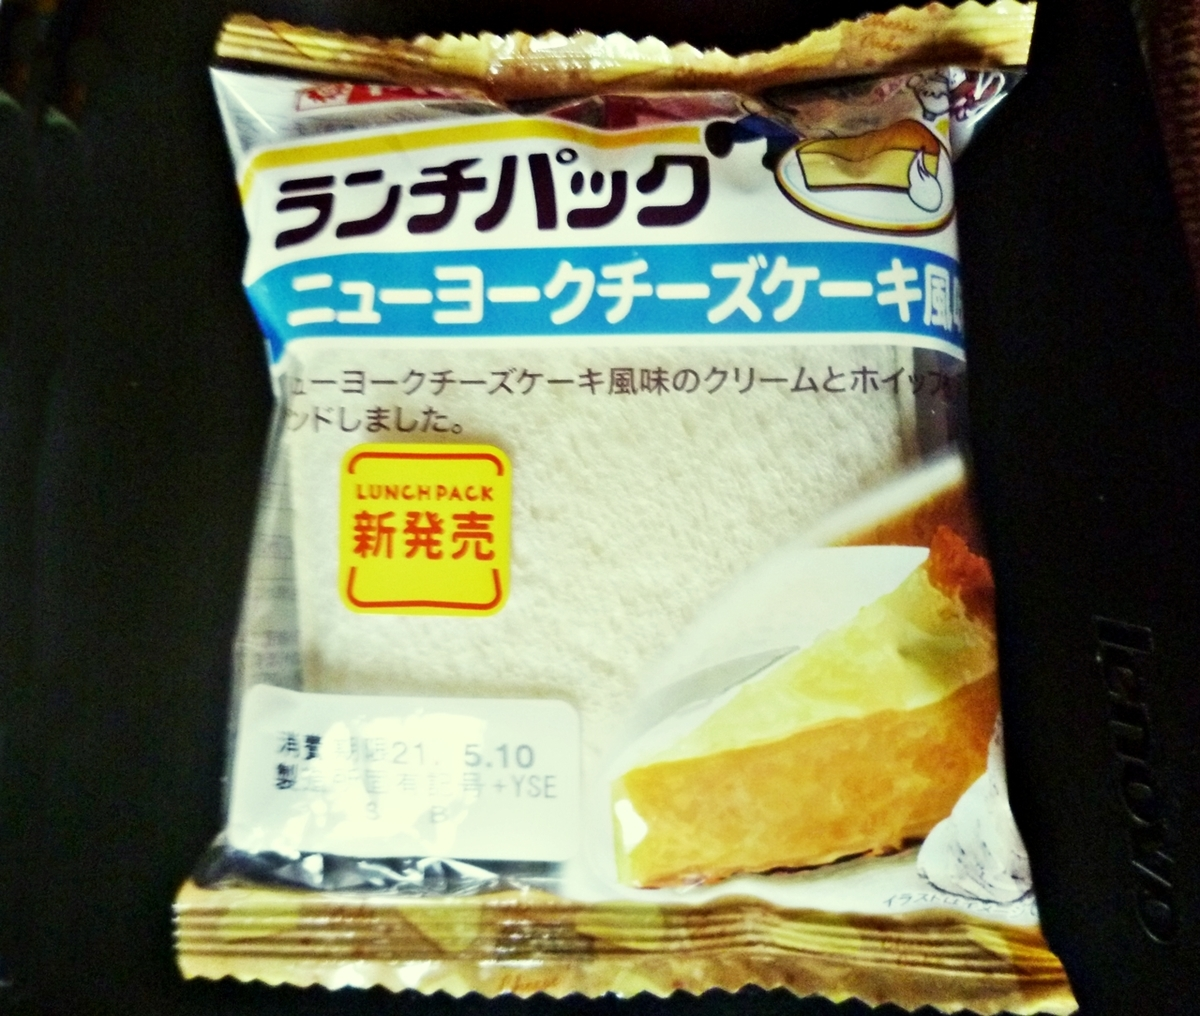 ヤマザキ ランチパック ニューヨークチーズケーキ風味